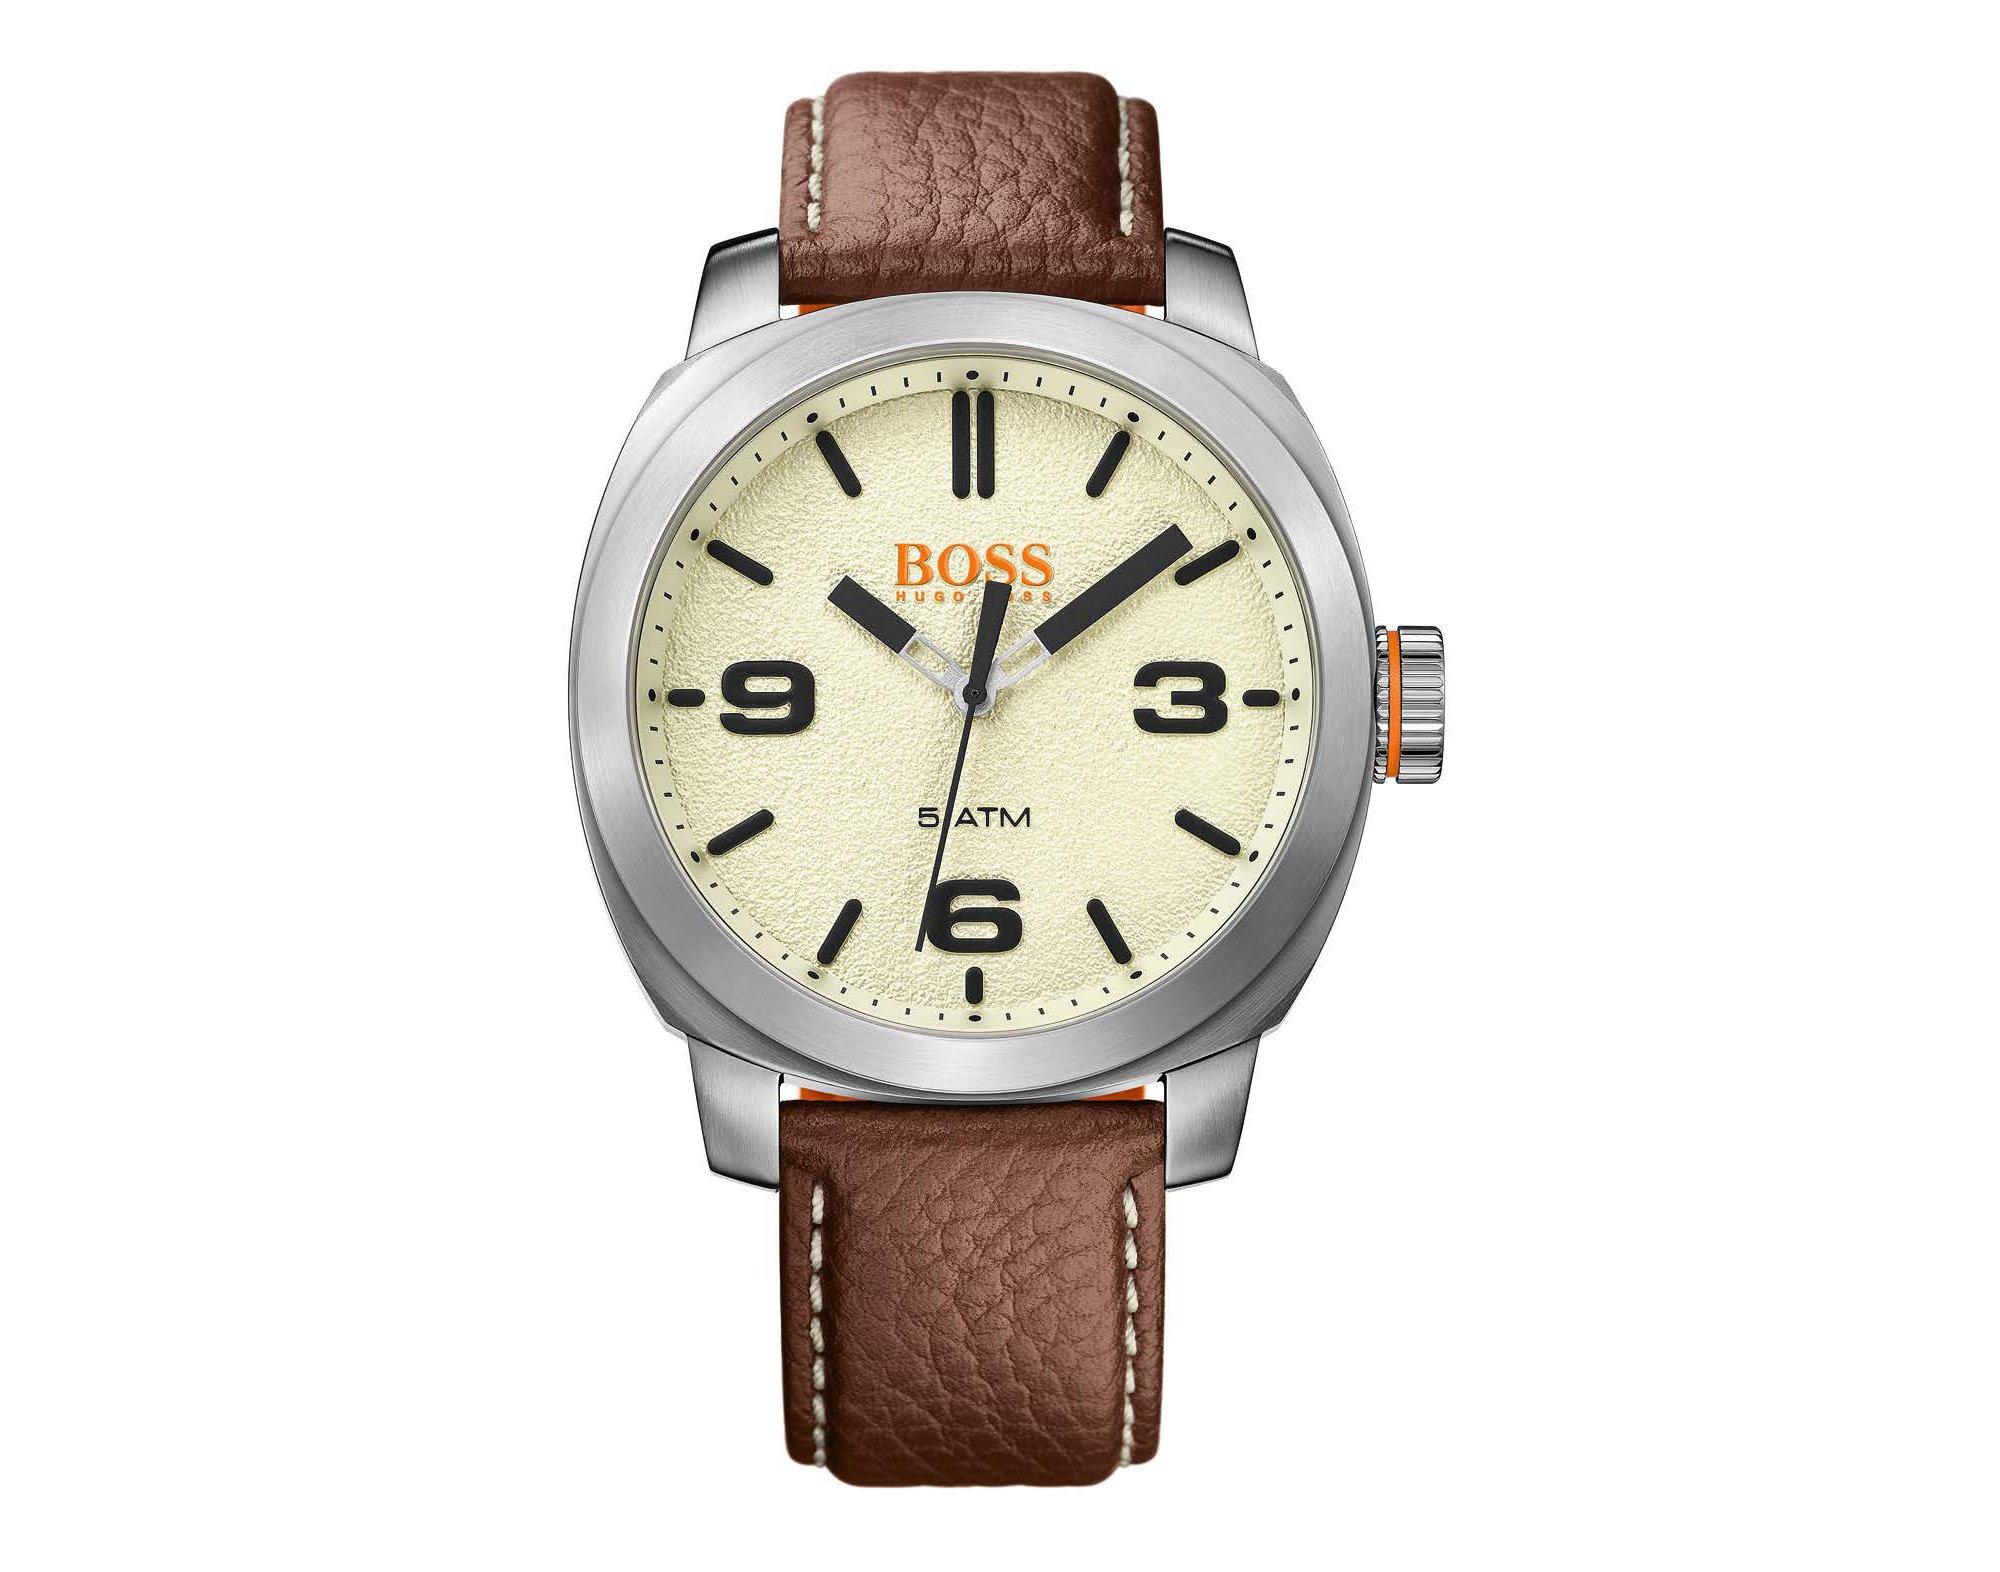 Orologio in acciaio inox spazzolato con quadrante lavorato e cinturino in pelle marrone, Bianco